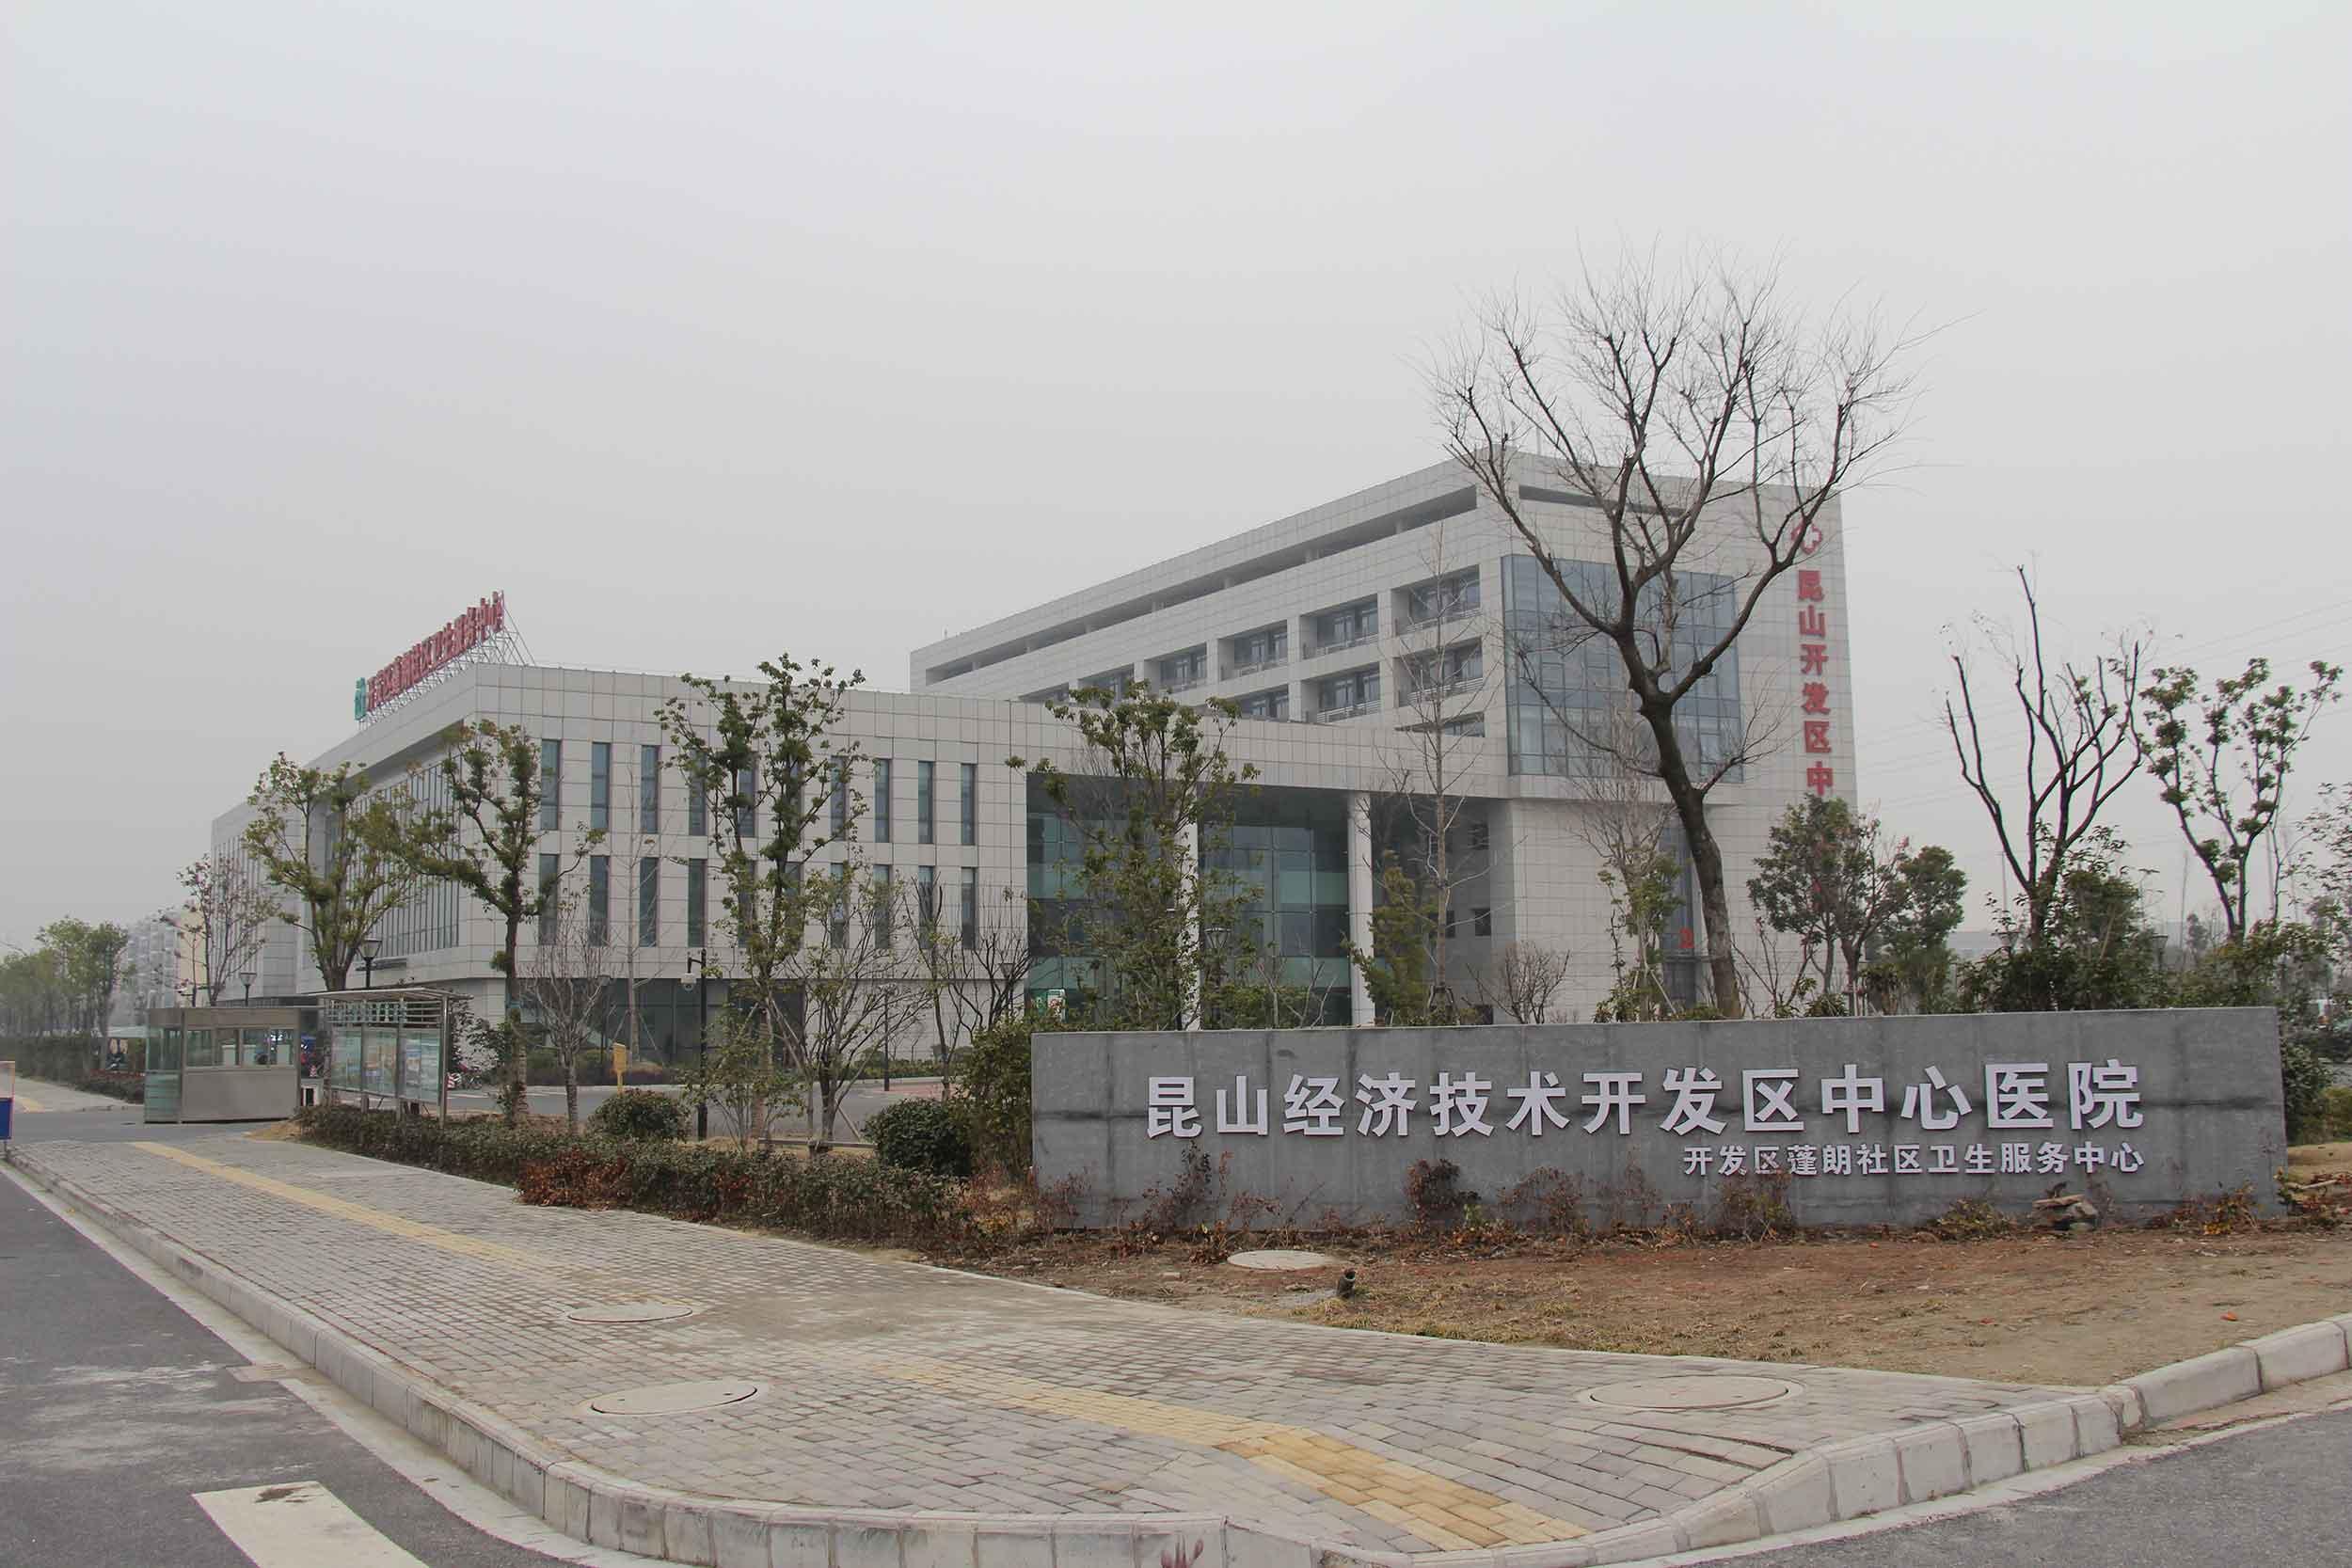 蓬朗衛生服務中心